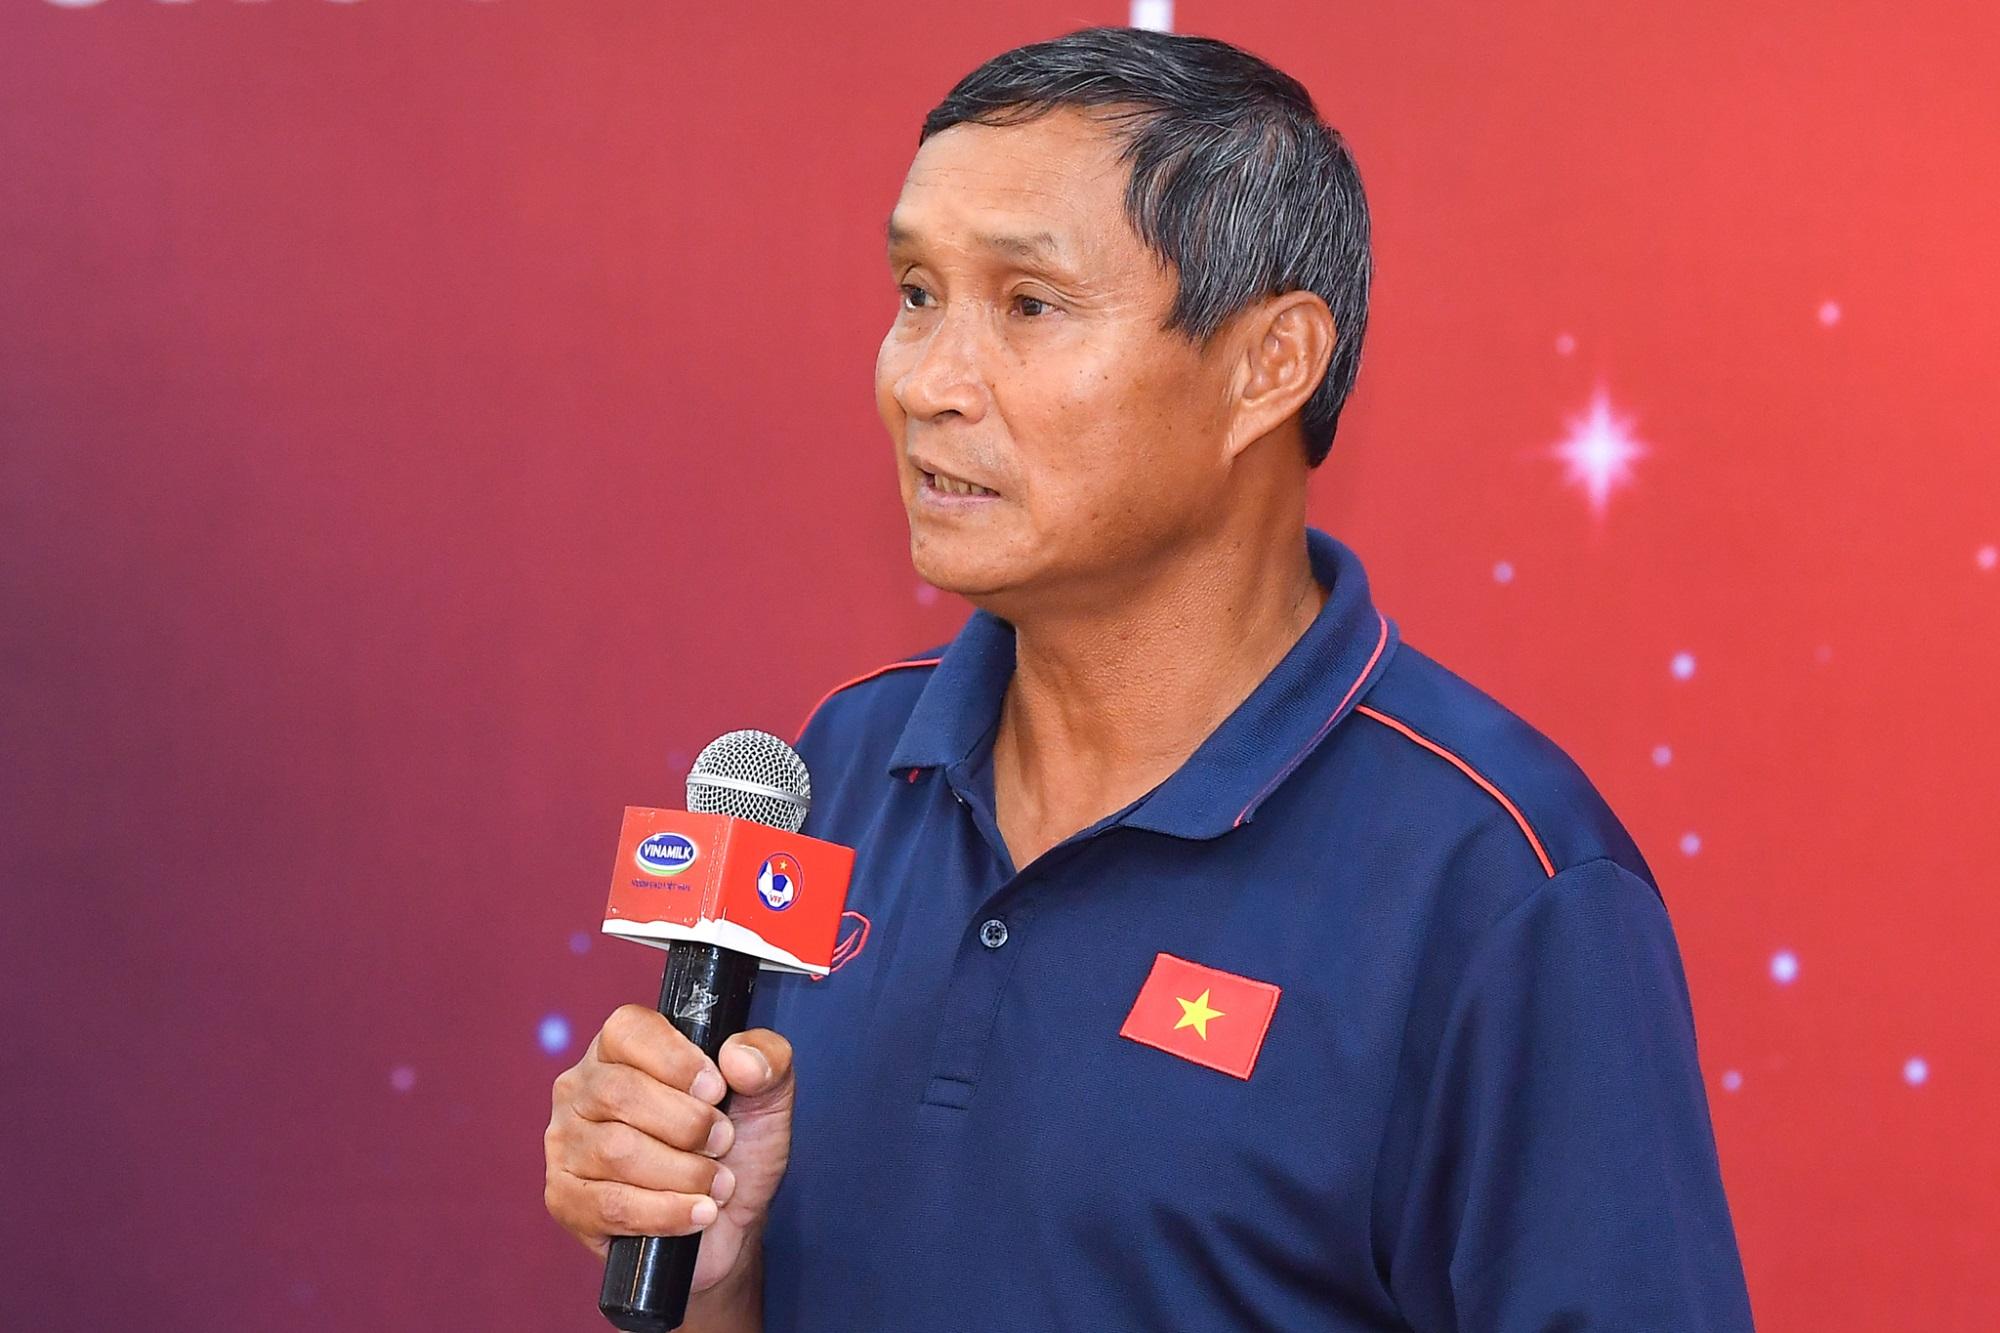 Vinamilk trao thưởng chúc mừng đội tuyển bóng đá nữ quốc gia vô địch Đông Nam Á 2019 - Ảnh 3